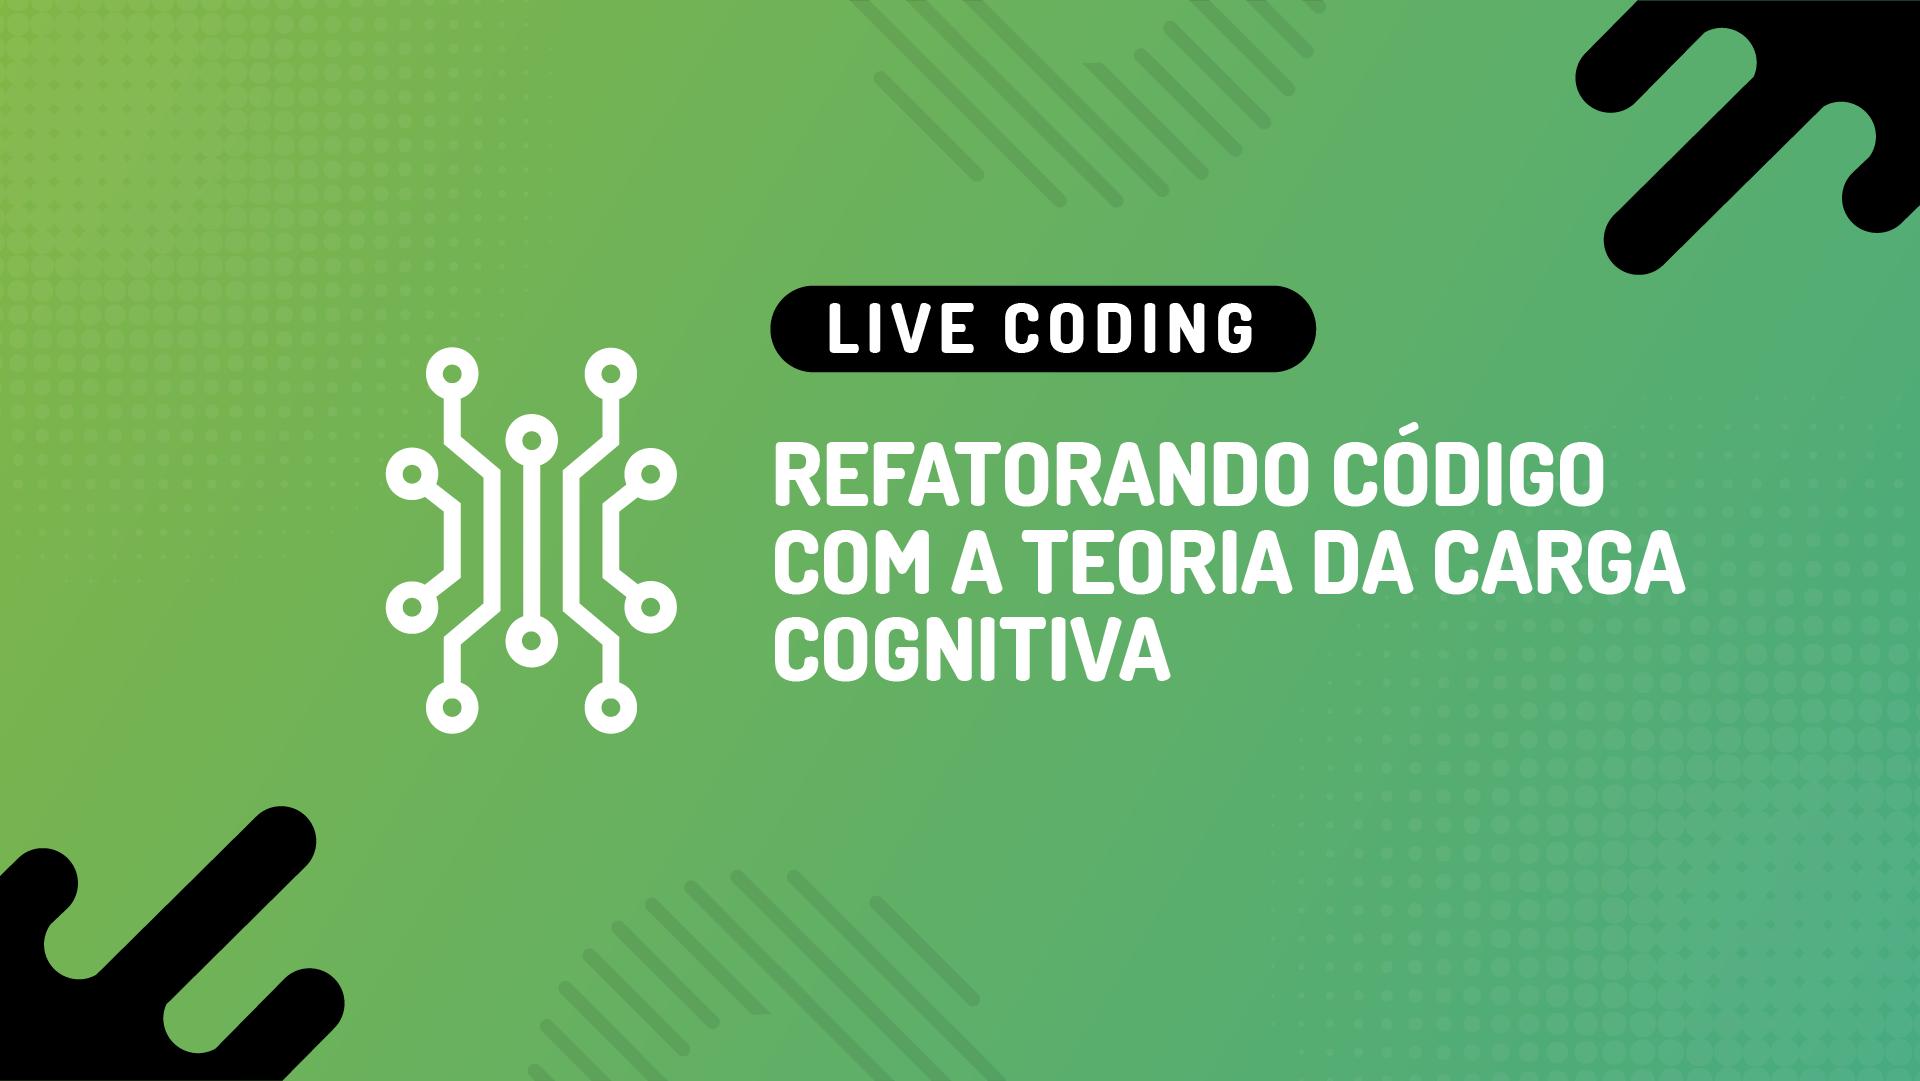 Live Coding: refatorando código